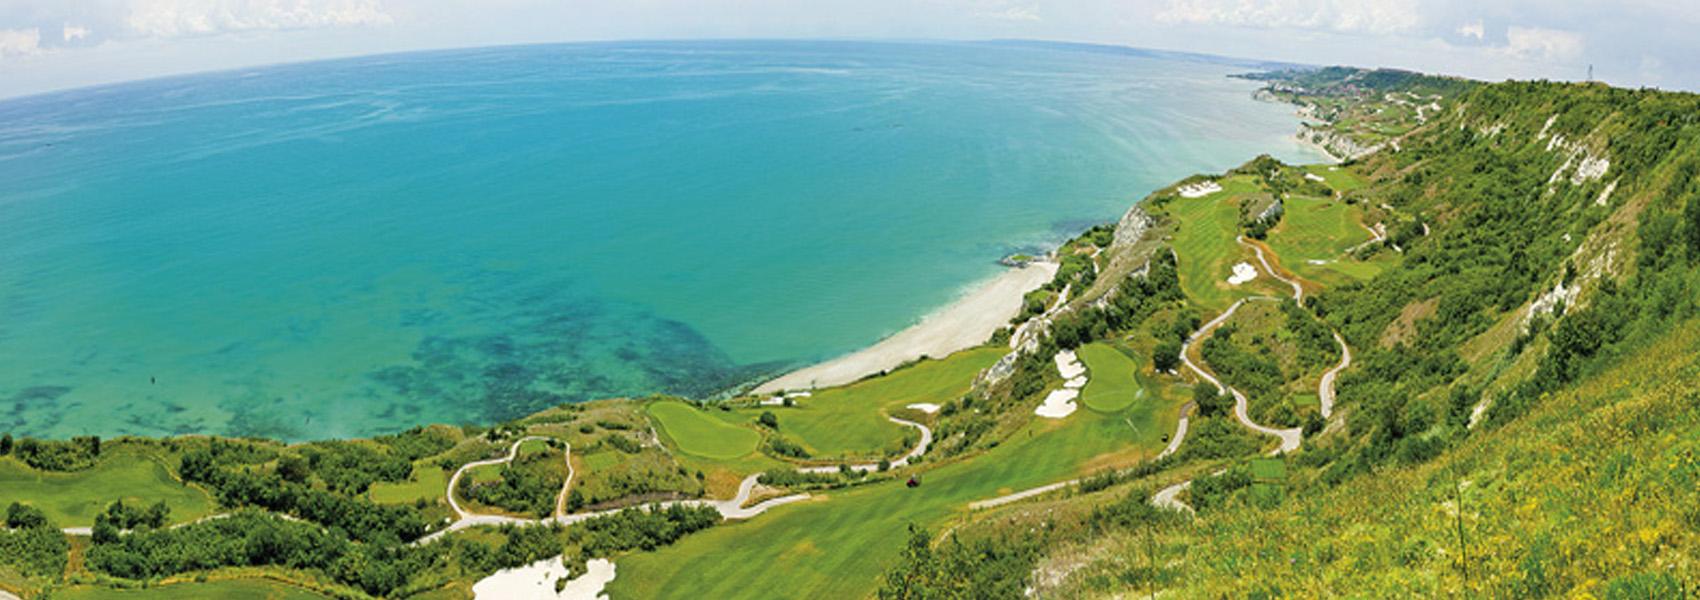 Golf-Gruppenreise zum Schwarzen Meer